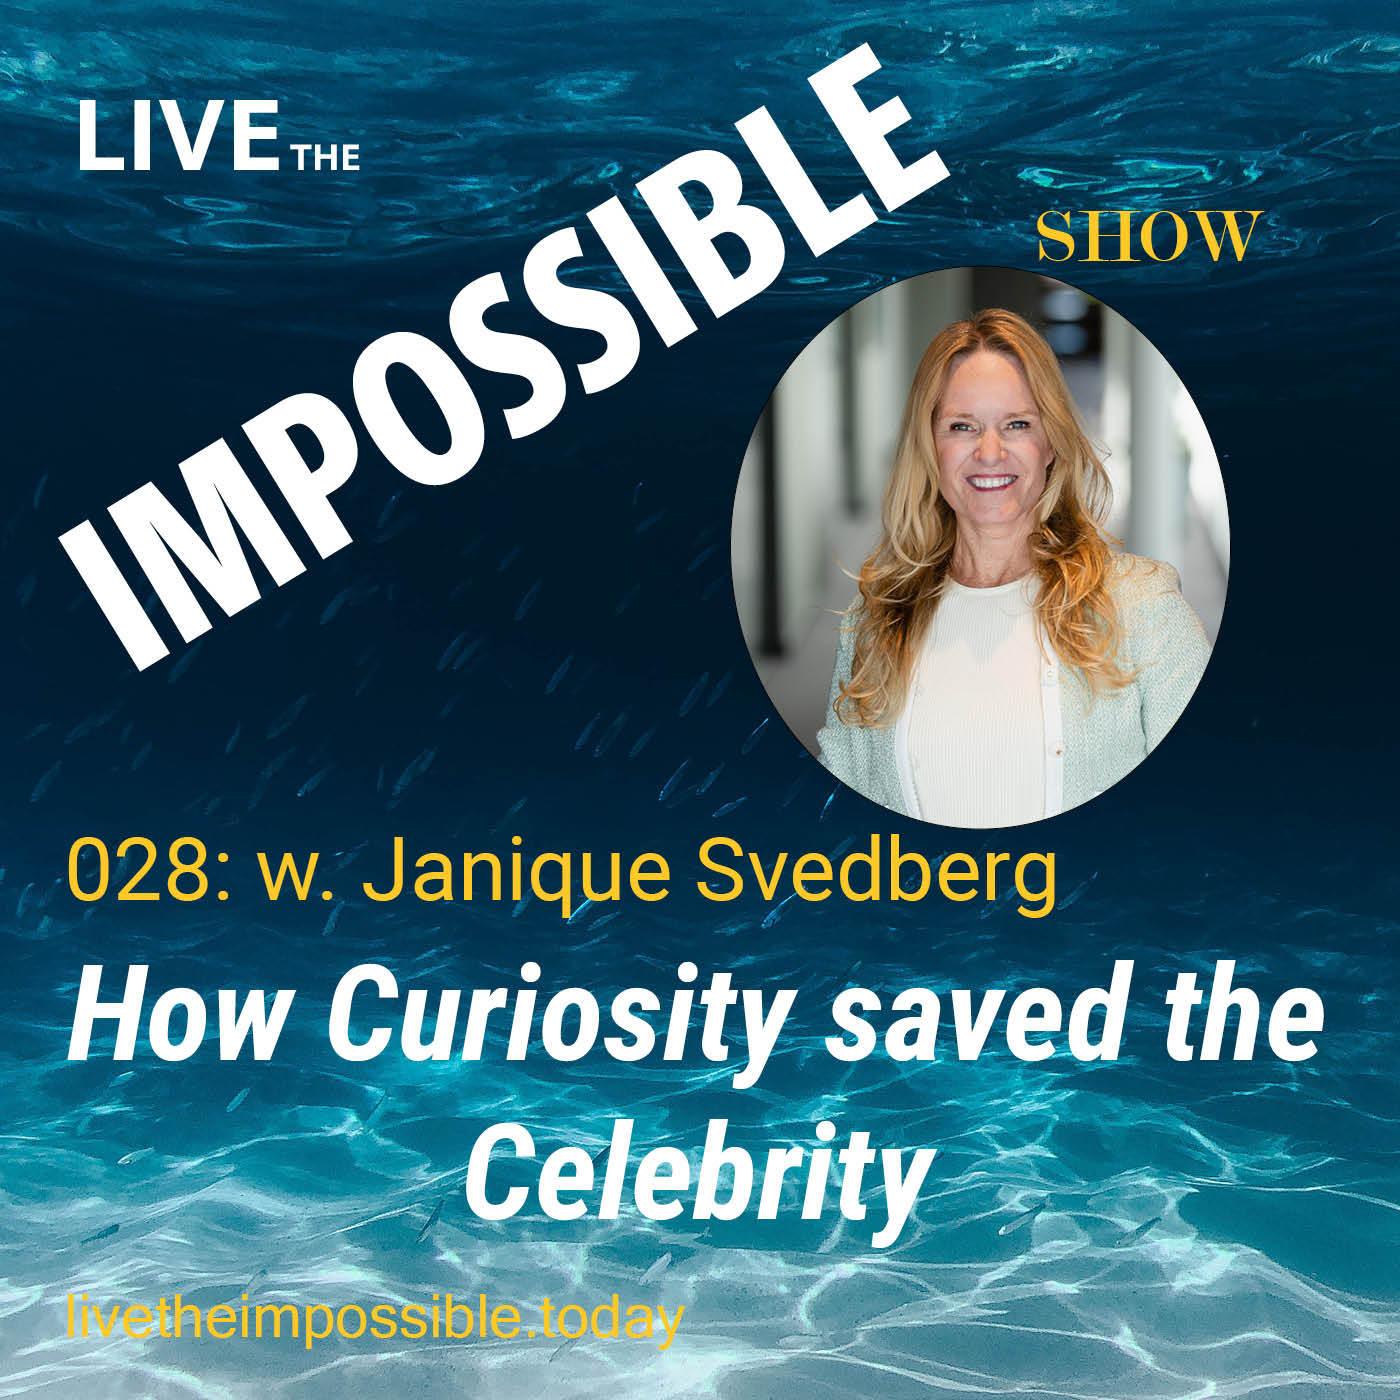 Janique Svedberg